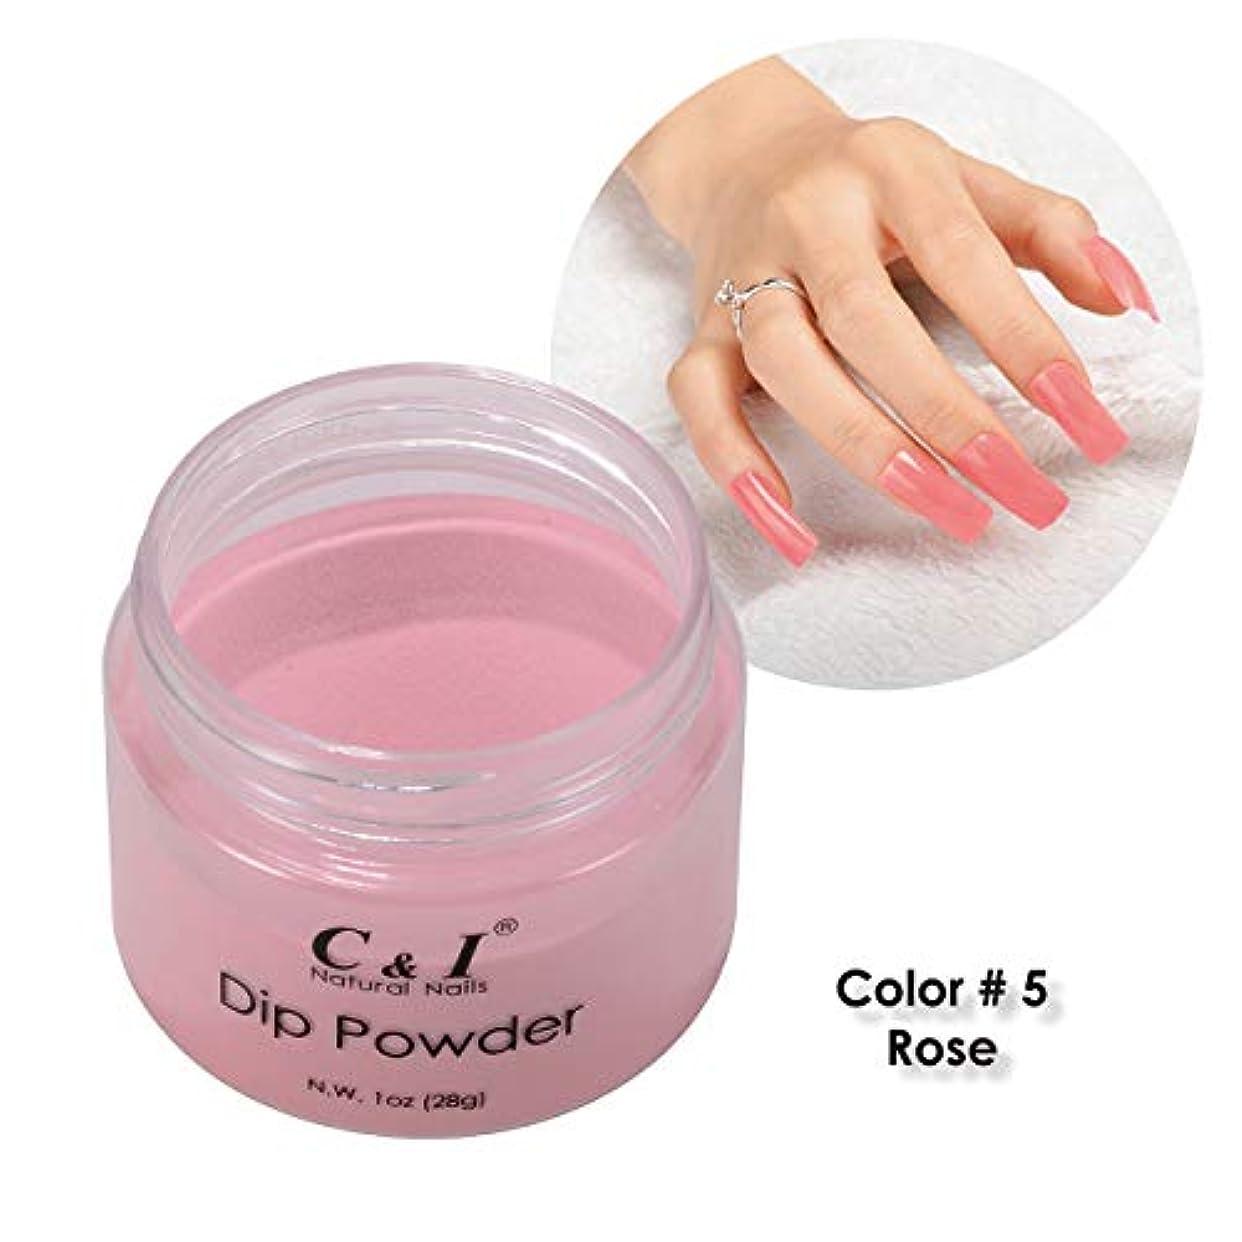 ヒゲクジラブラジャー意義C&I Dip Powder ネイルディップパウダー、ネイルカラーパウダー、カラーNo.5